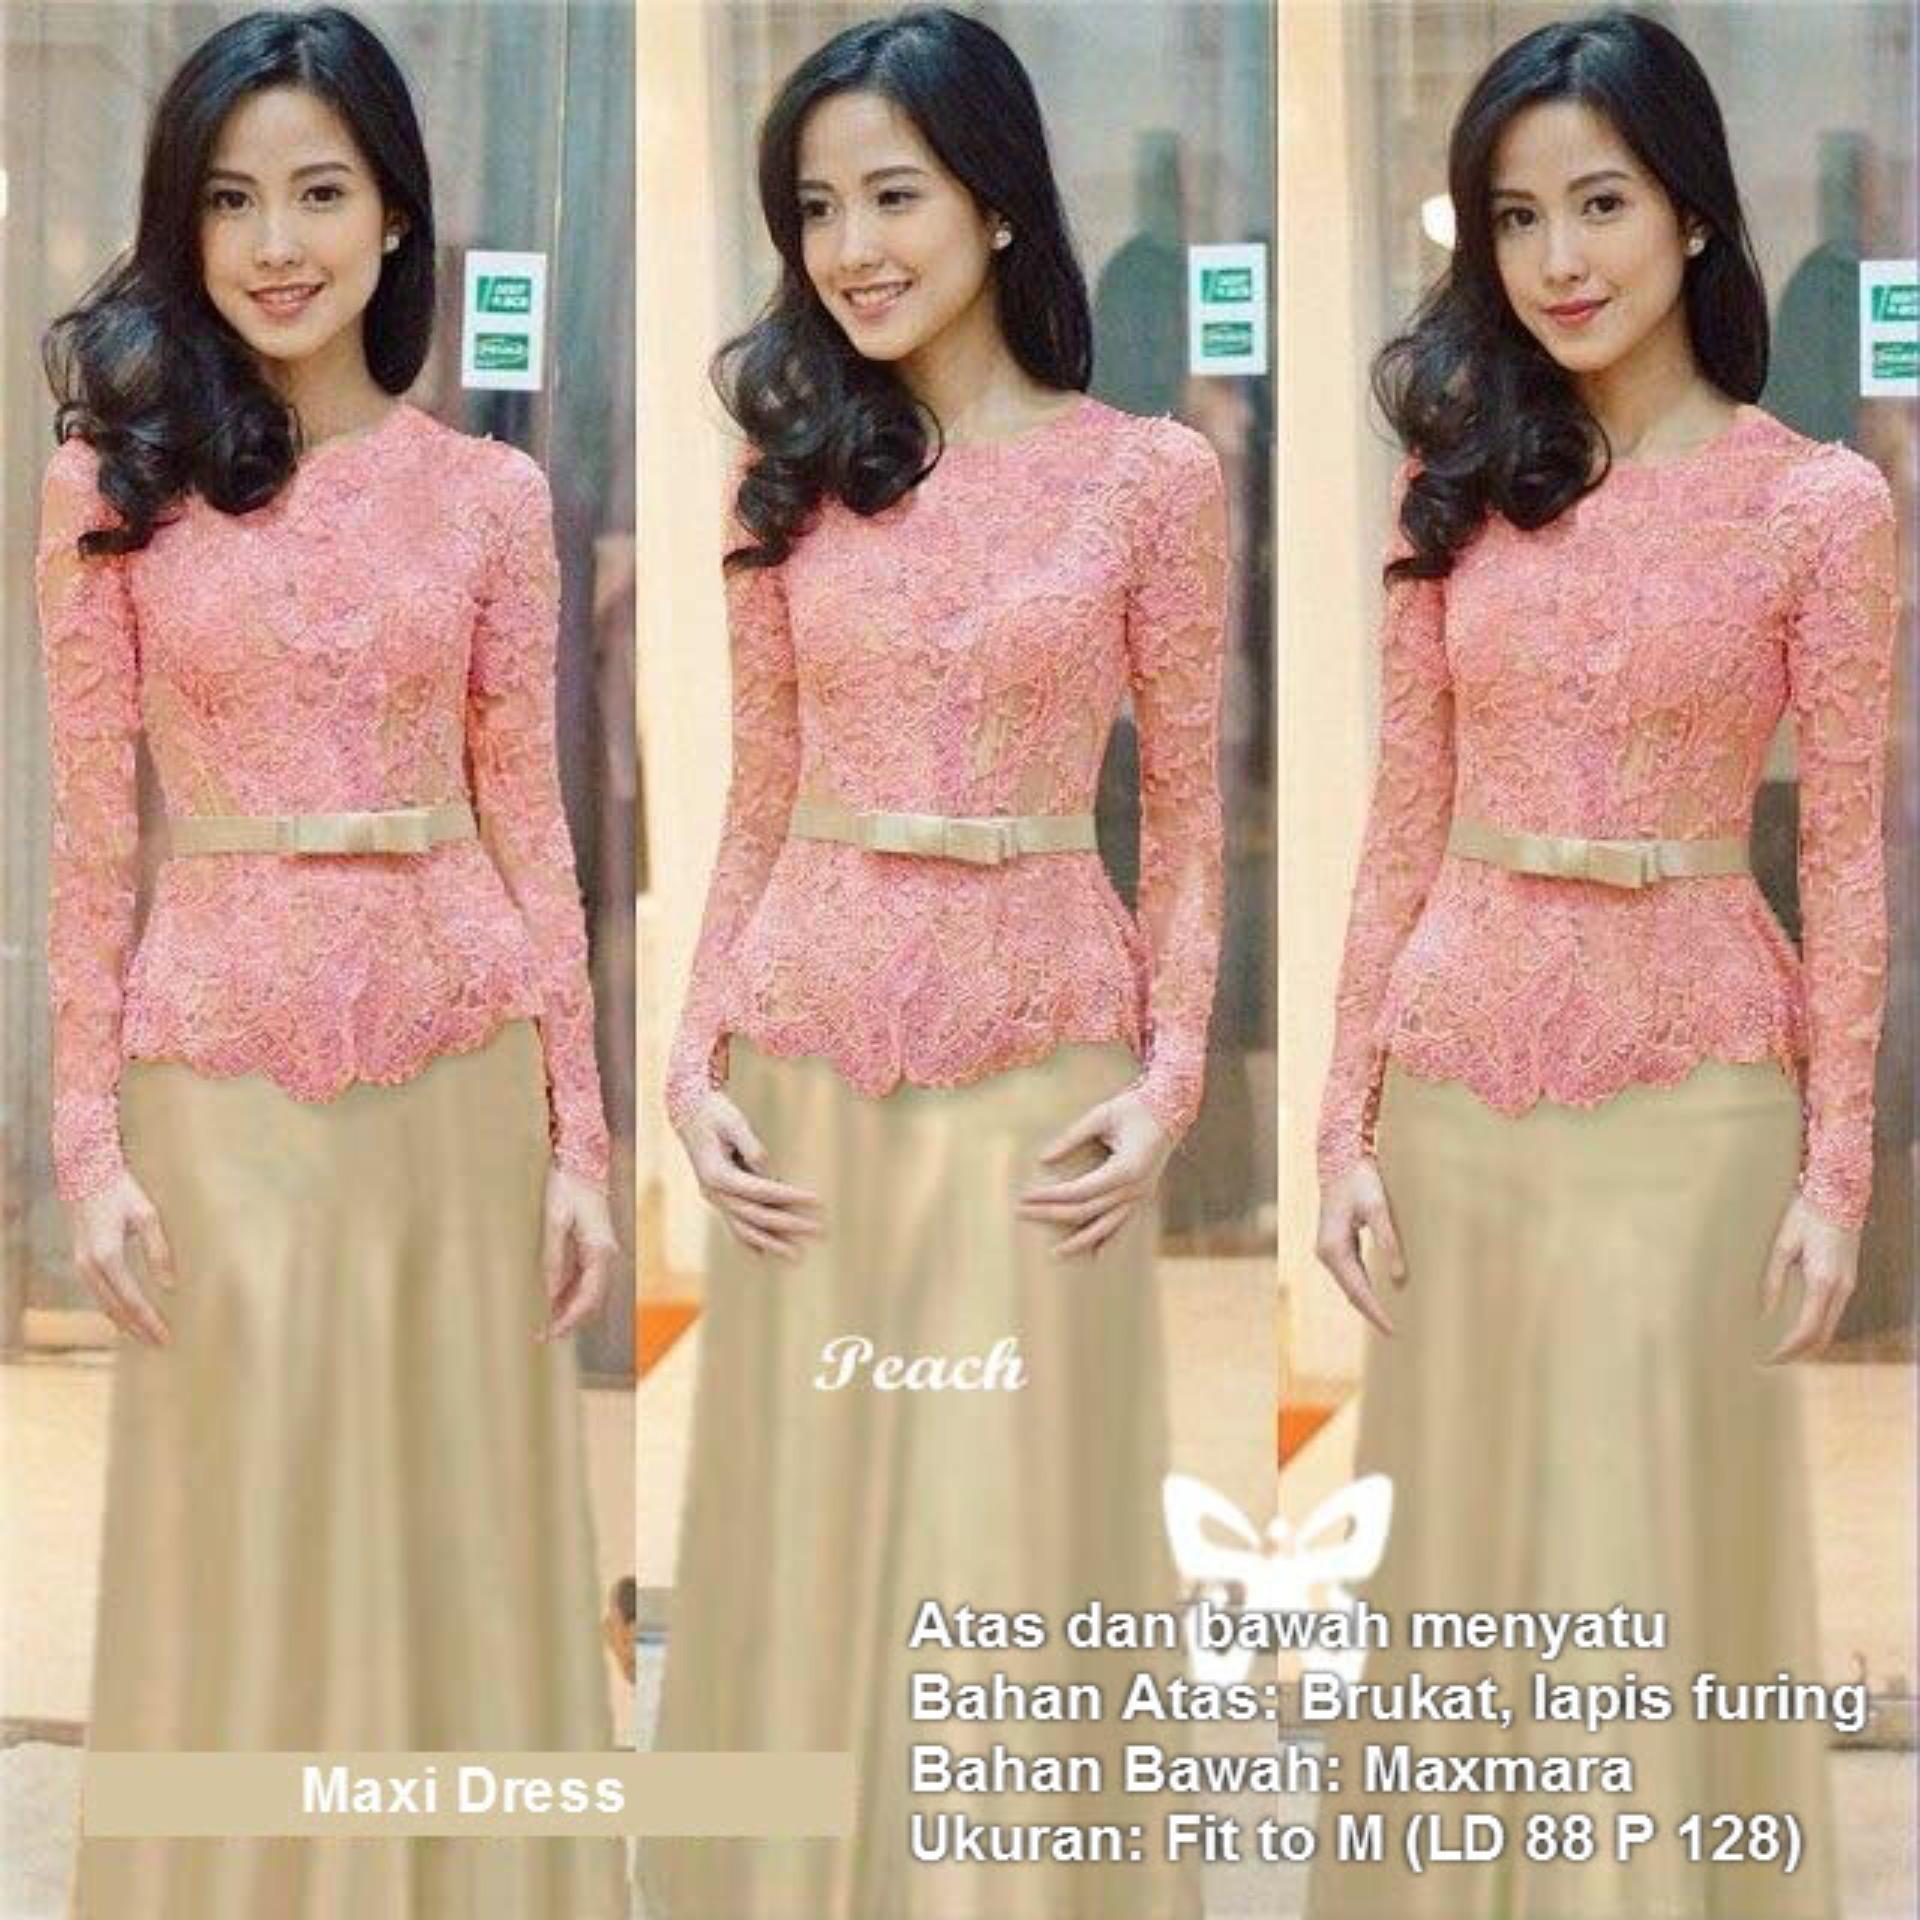 Maxi Dress Lengan Panjang Brukat Msr149 Kebaya Modern Gamis Syari Gaun Pesta Muslimah Baju Muslim Wanita Syar I Hijab Brokat Srmeliana